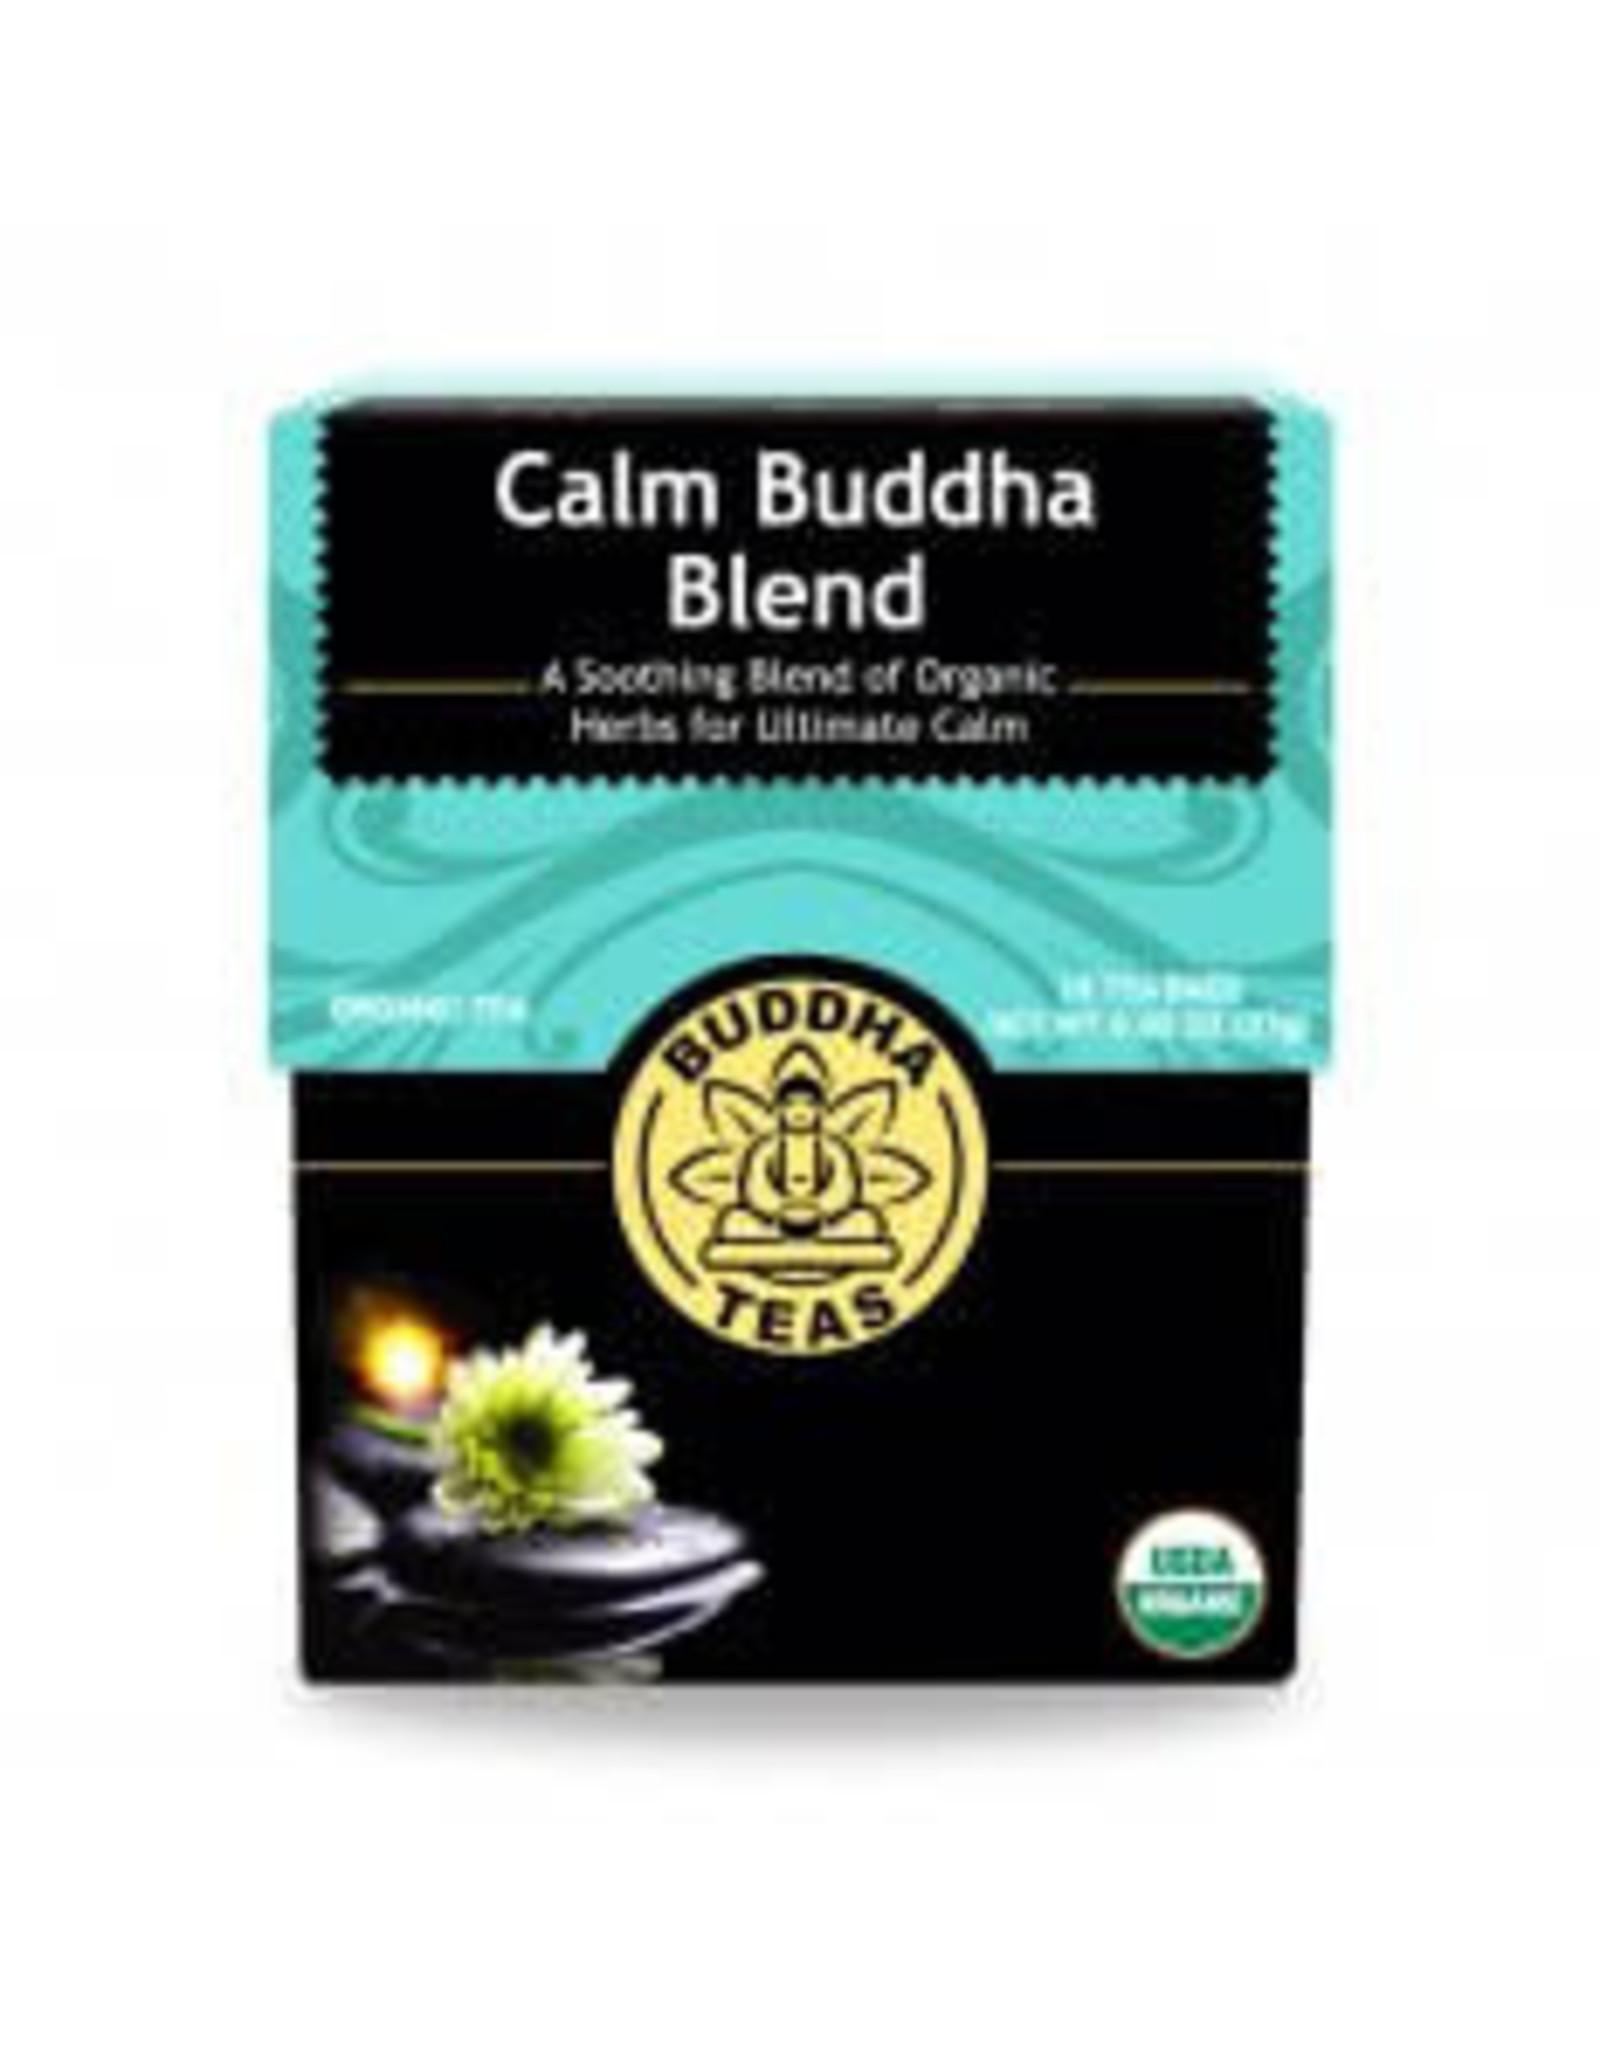 Buddha Teas Calm Buddha Tea Blend x 18 Tea Bags